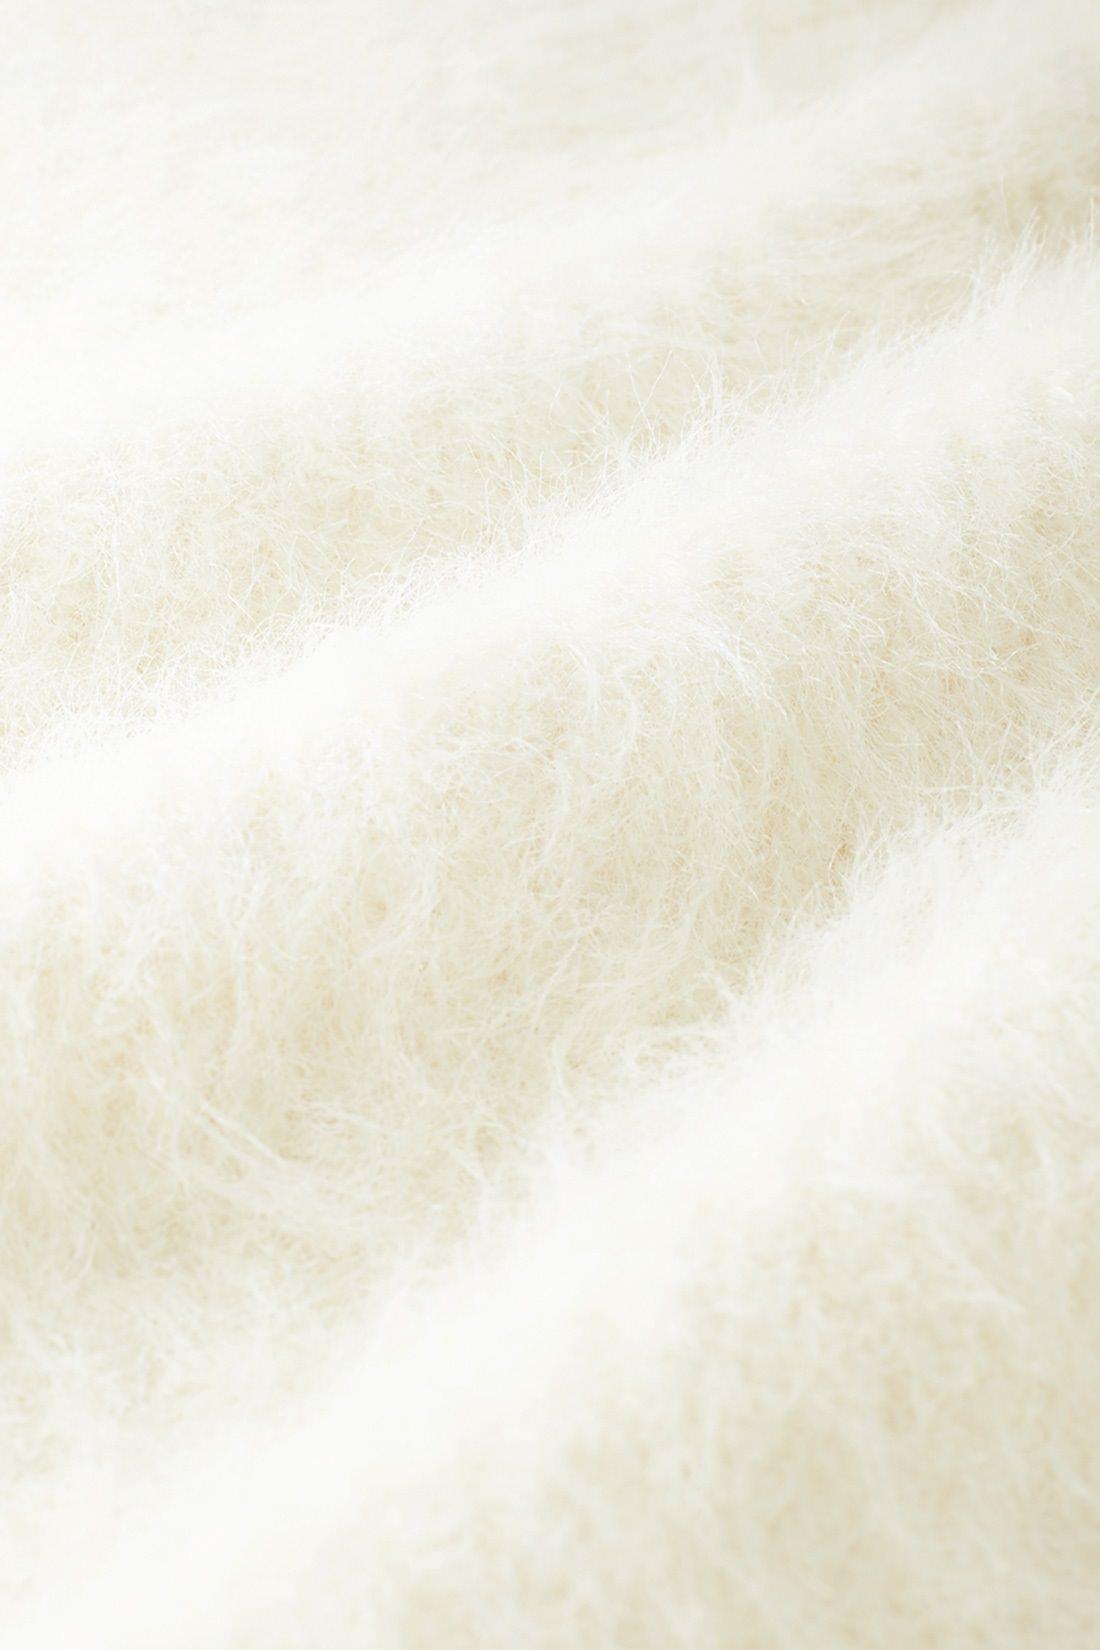 ふんわりヘアリーヤーン 毛足が長めのふんわりとしたヘアリーな素材感です。着心地抜群のヘアリーヤーンは、ぬくもりもたっぷり。片あぜ編みなので肉感もありとても伸びやかです。